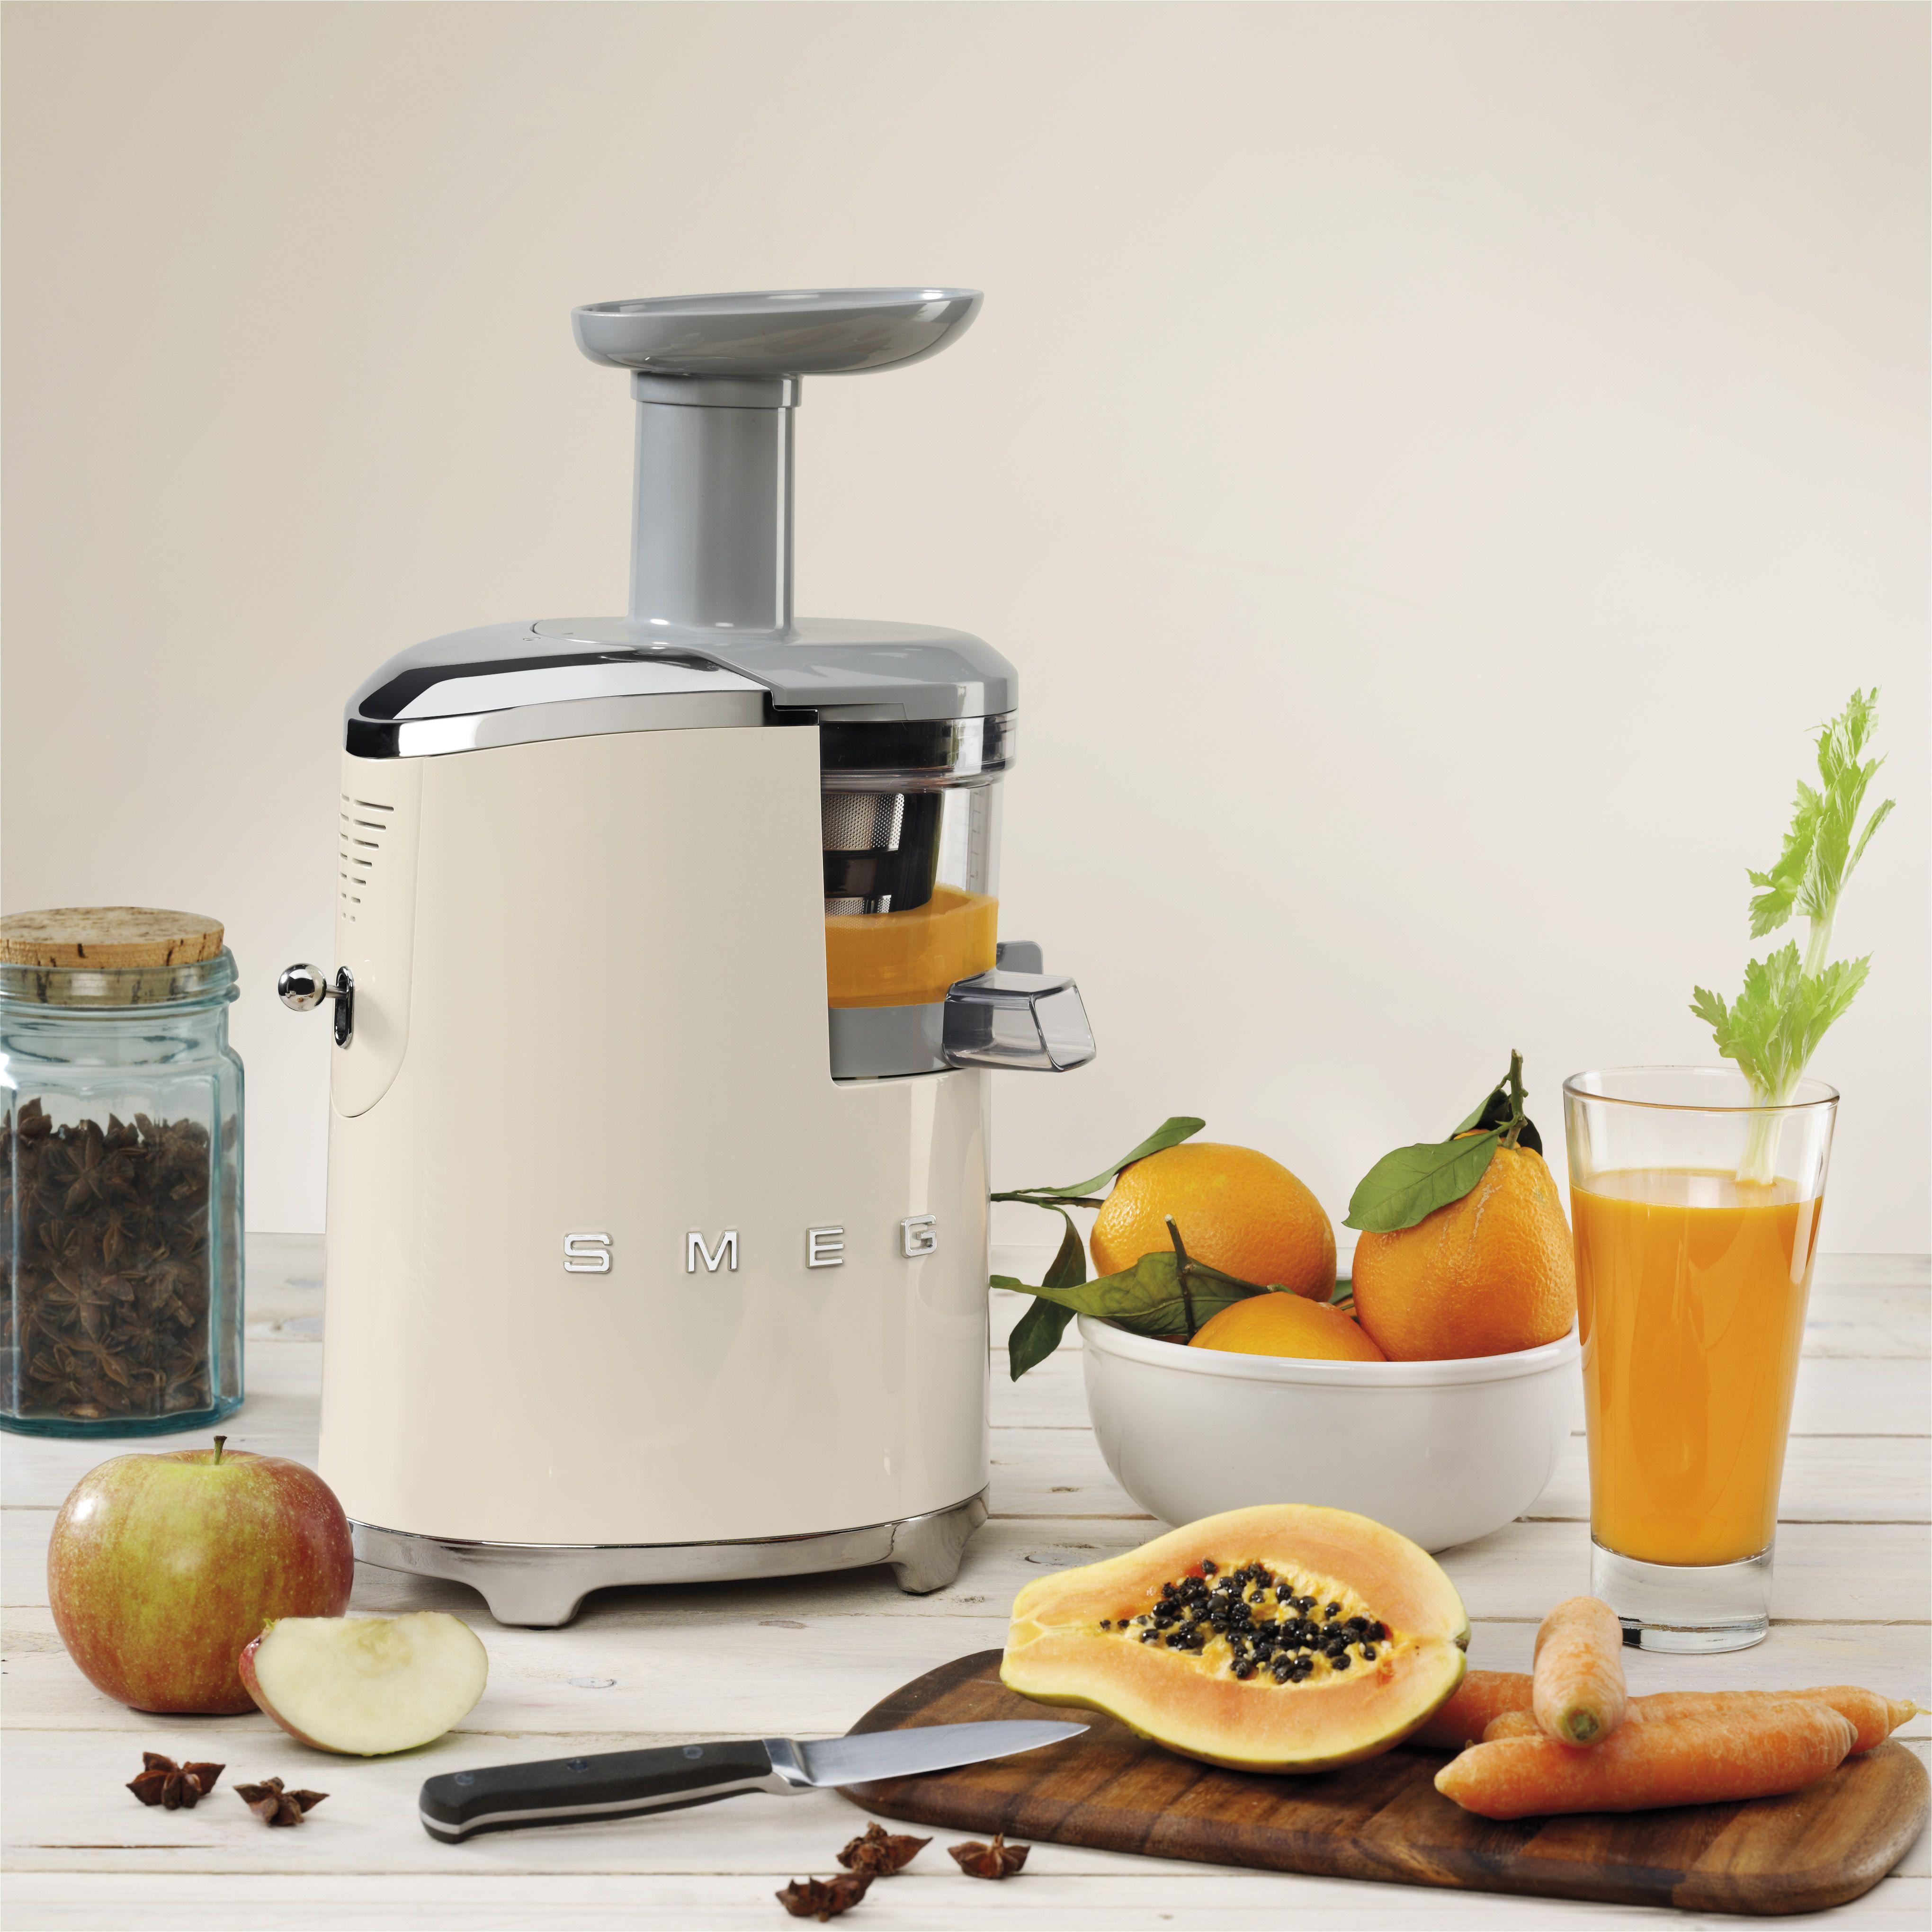 Domestic Kitchen Appliances Smeg Slow Juicer Smeg Pinterest Juicers